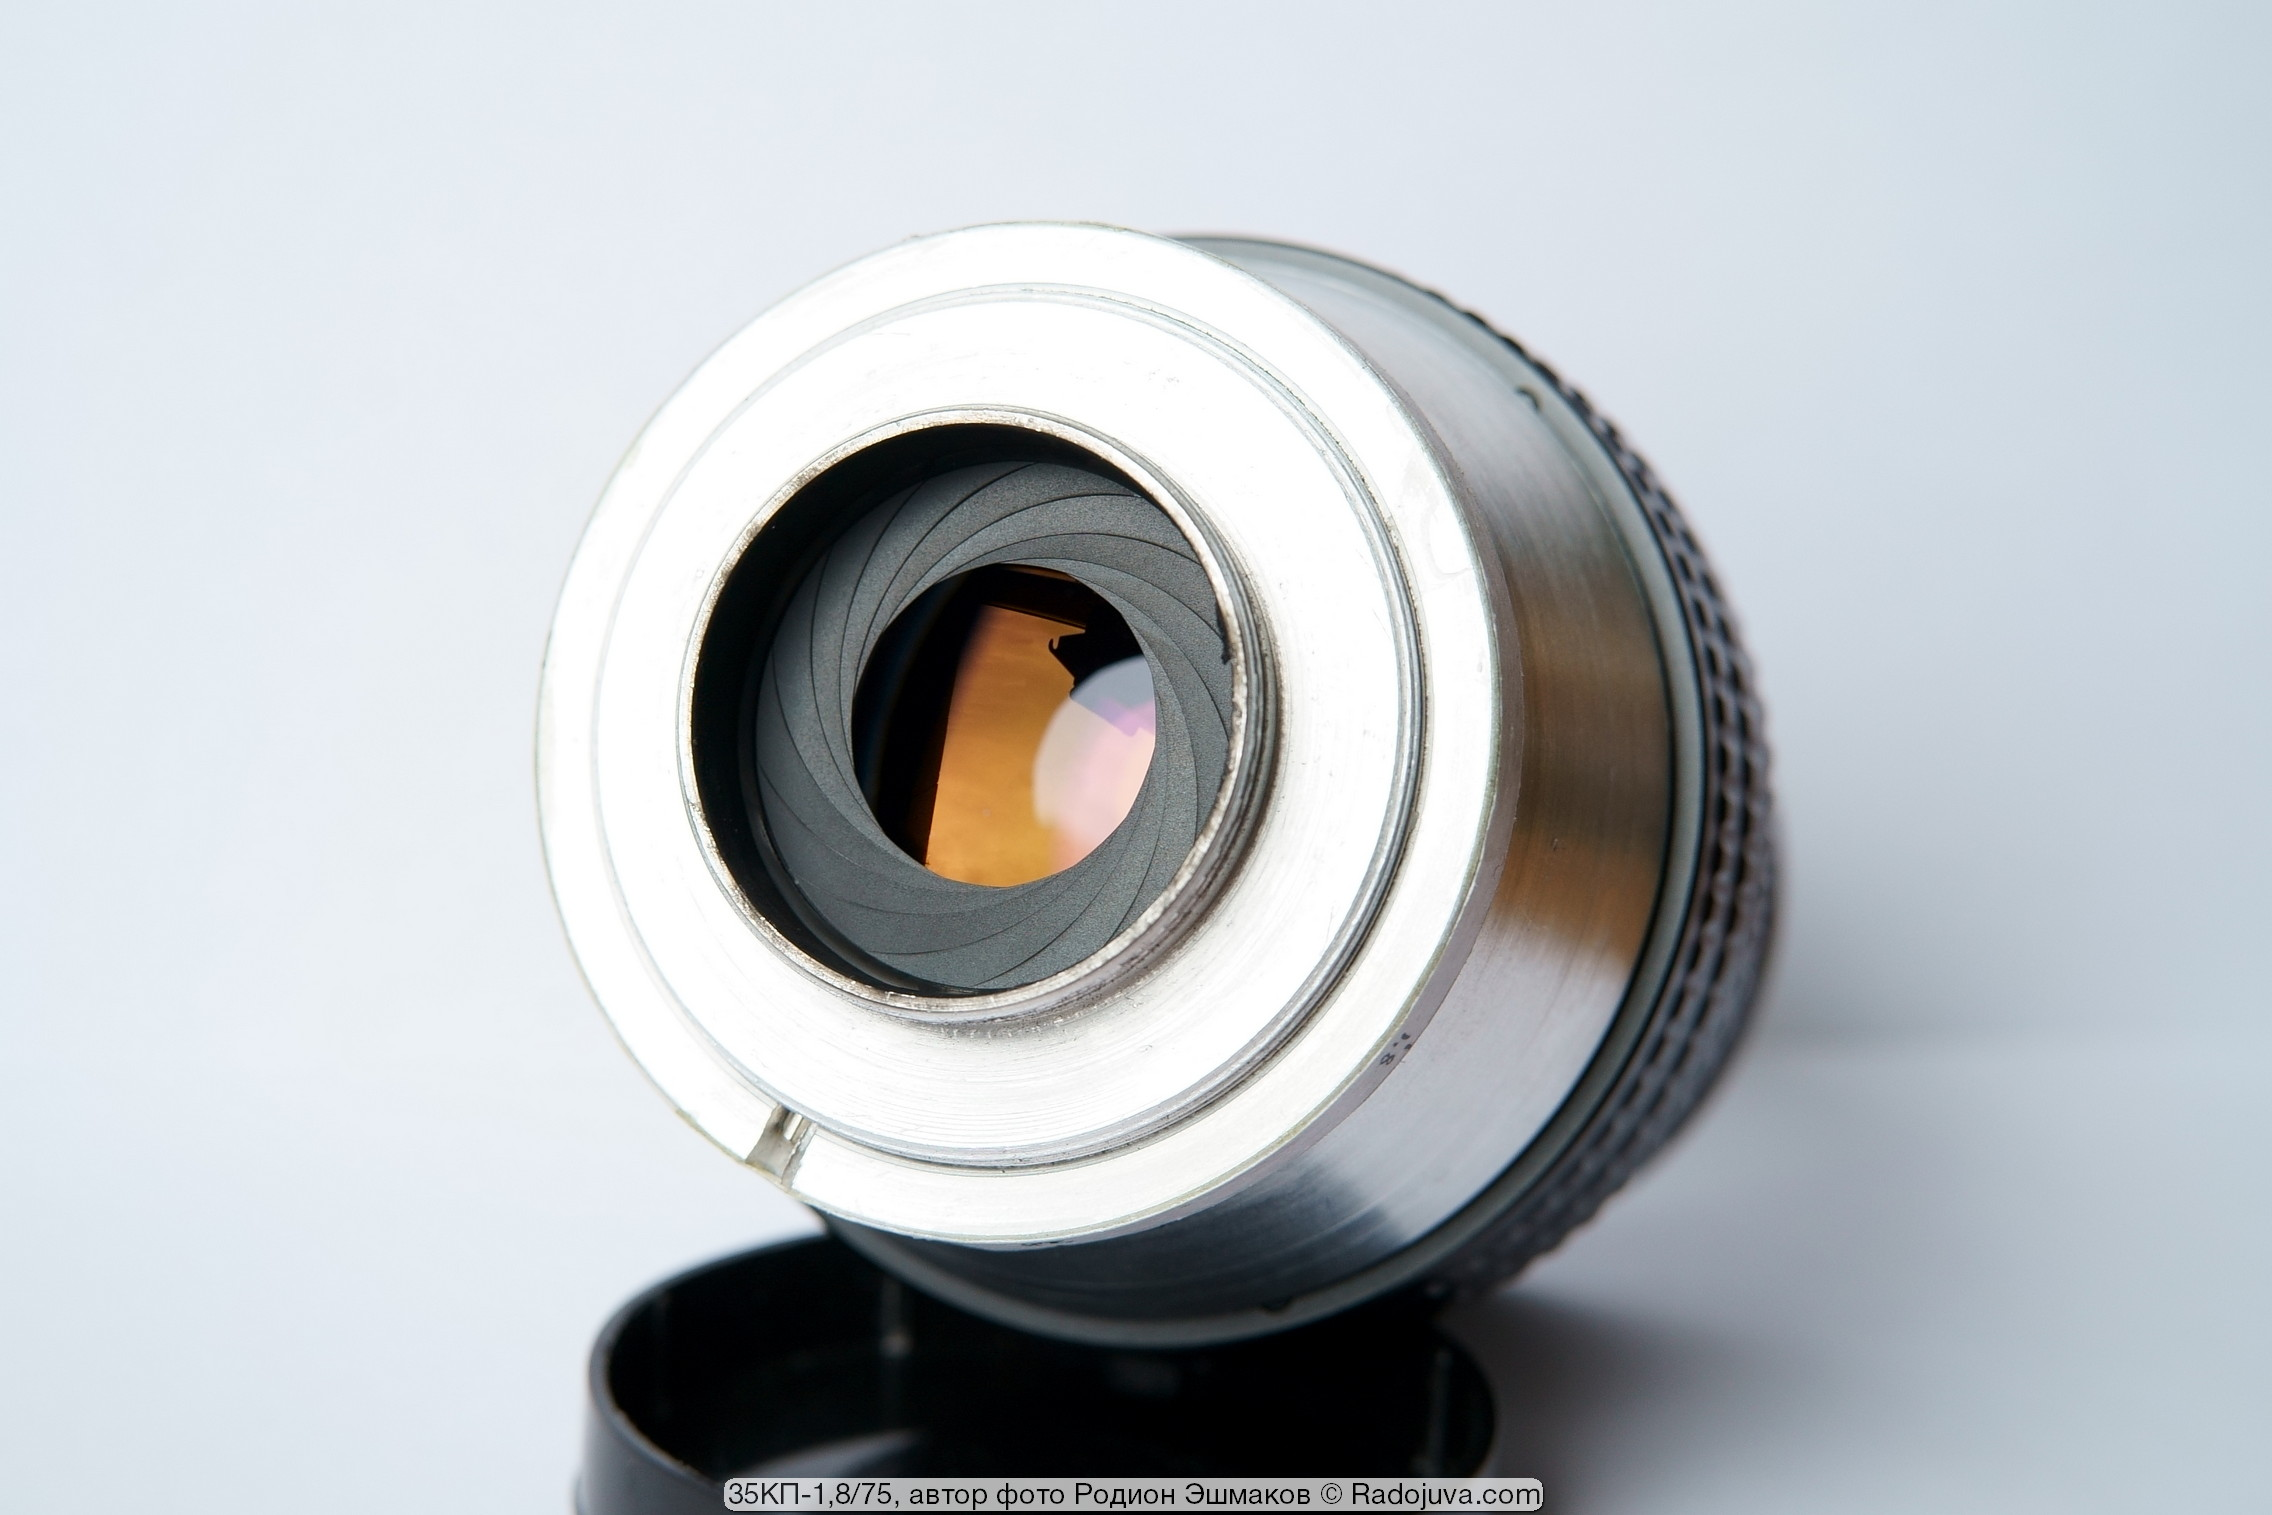 Залинзовая диафрагма установлена в хвостовике объектива и регулируется своим кольцом.